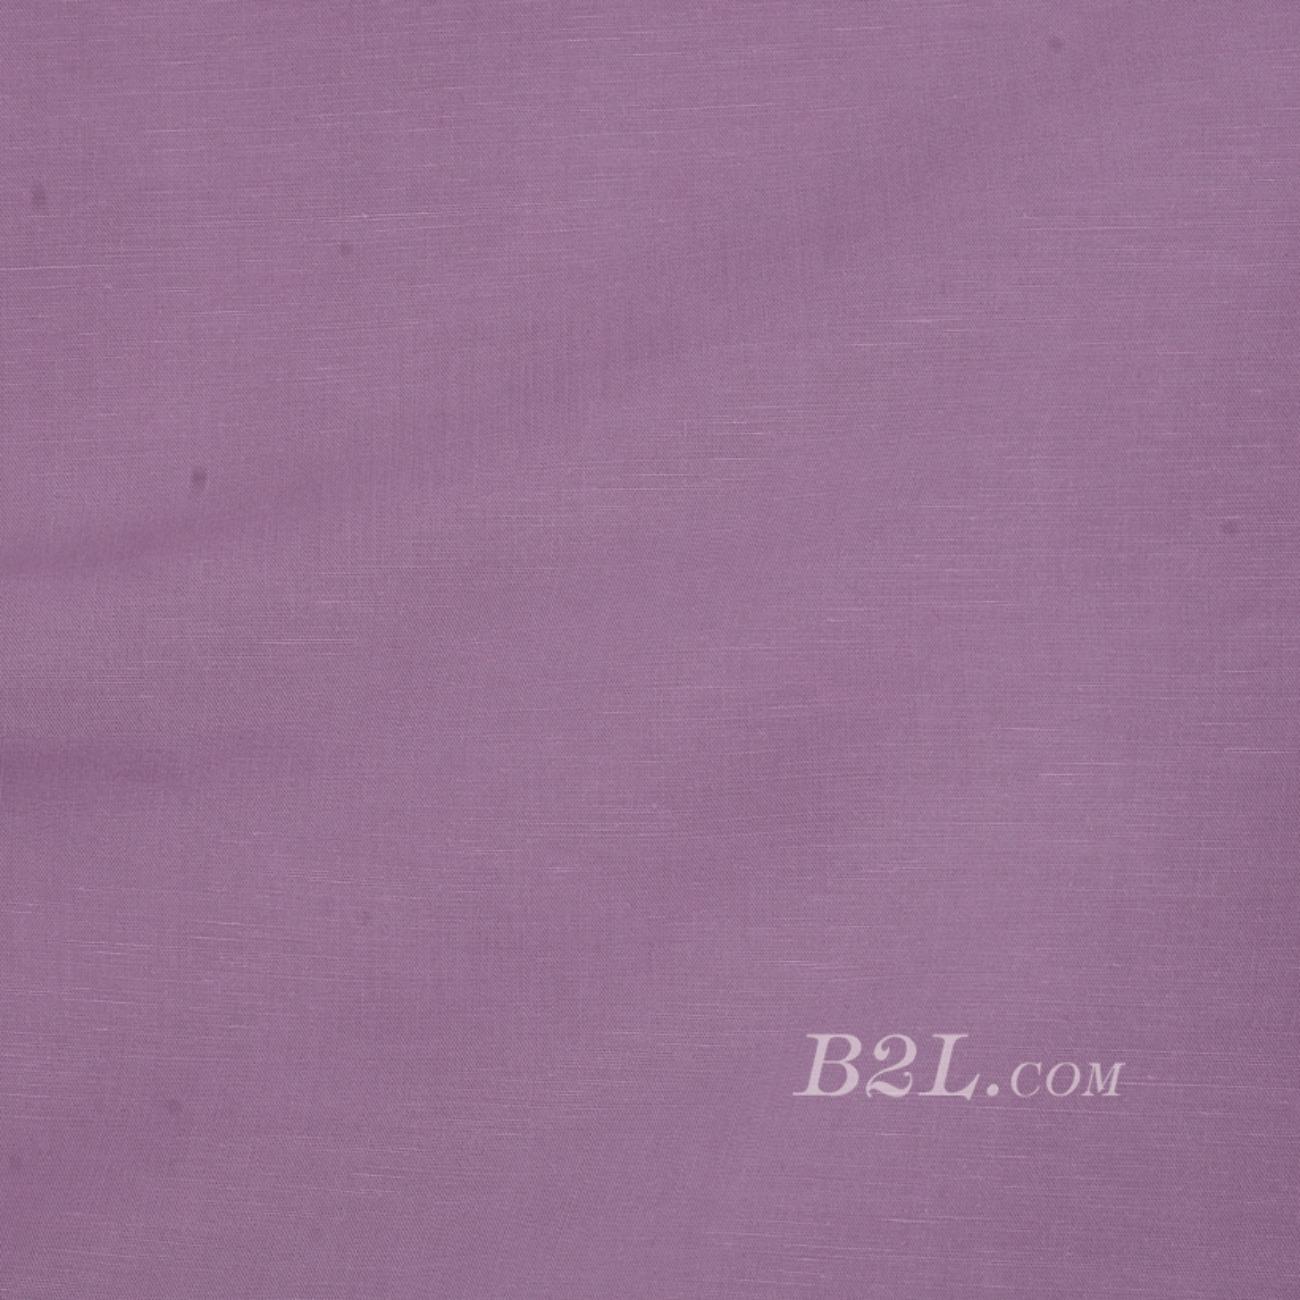 素色 梭织 低弹 柔软 天丝麻 春夏 连衣裙 T恤 女装 外套 短裙 81118-27